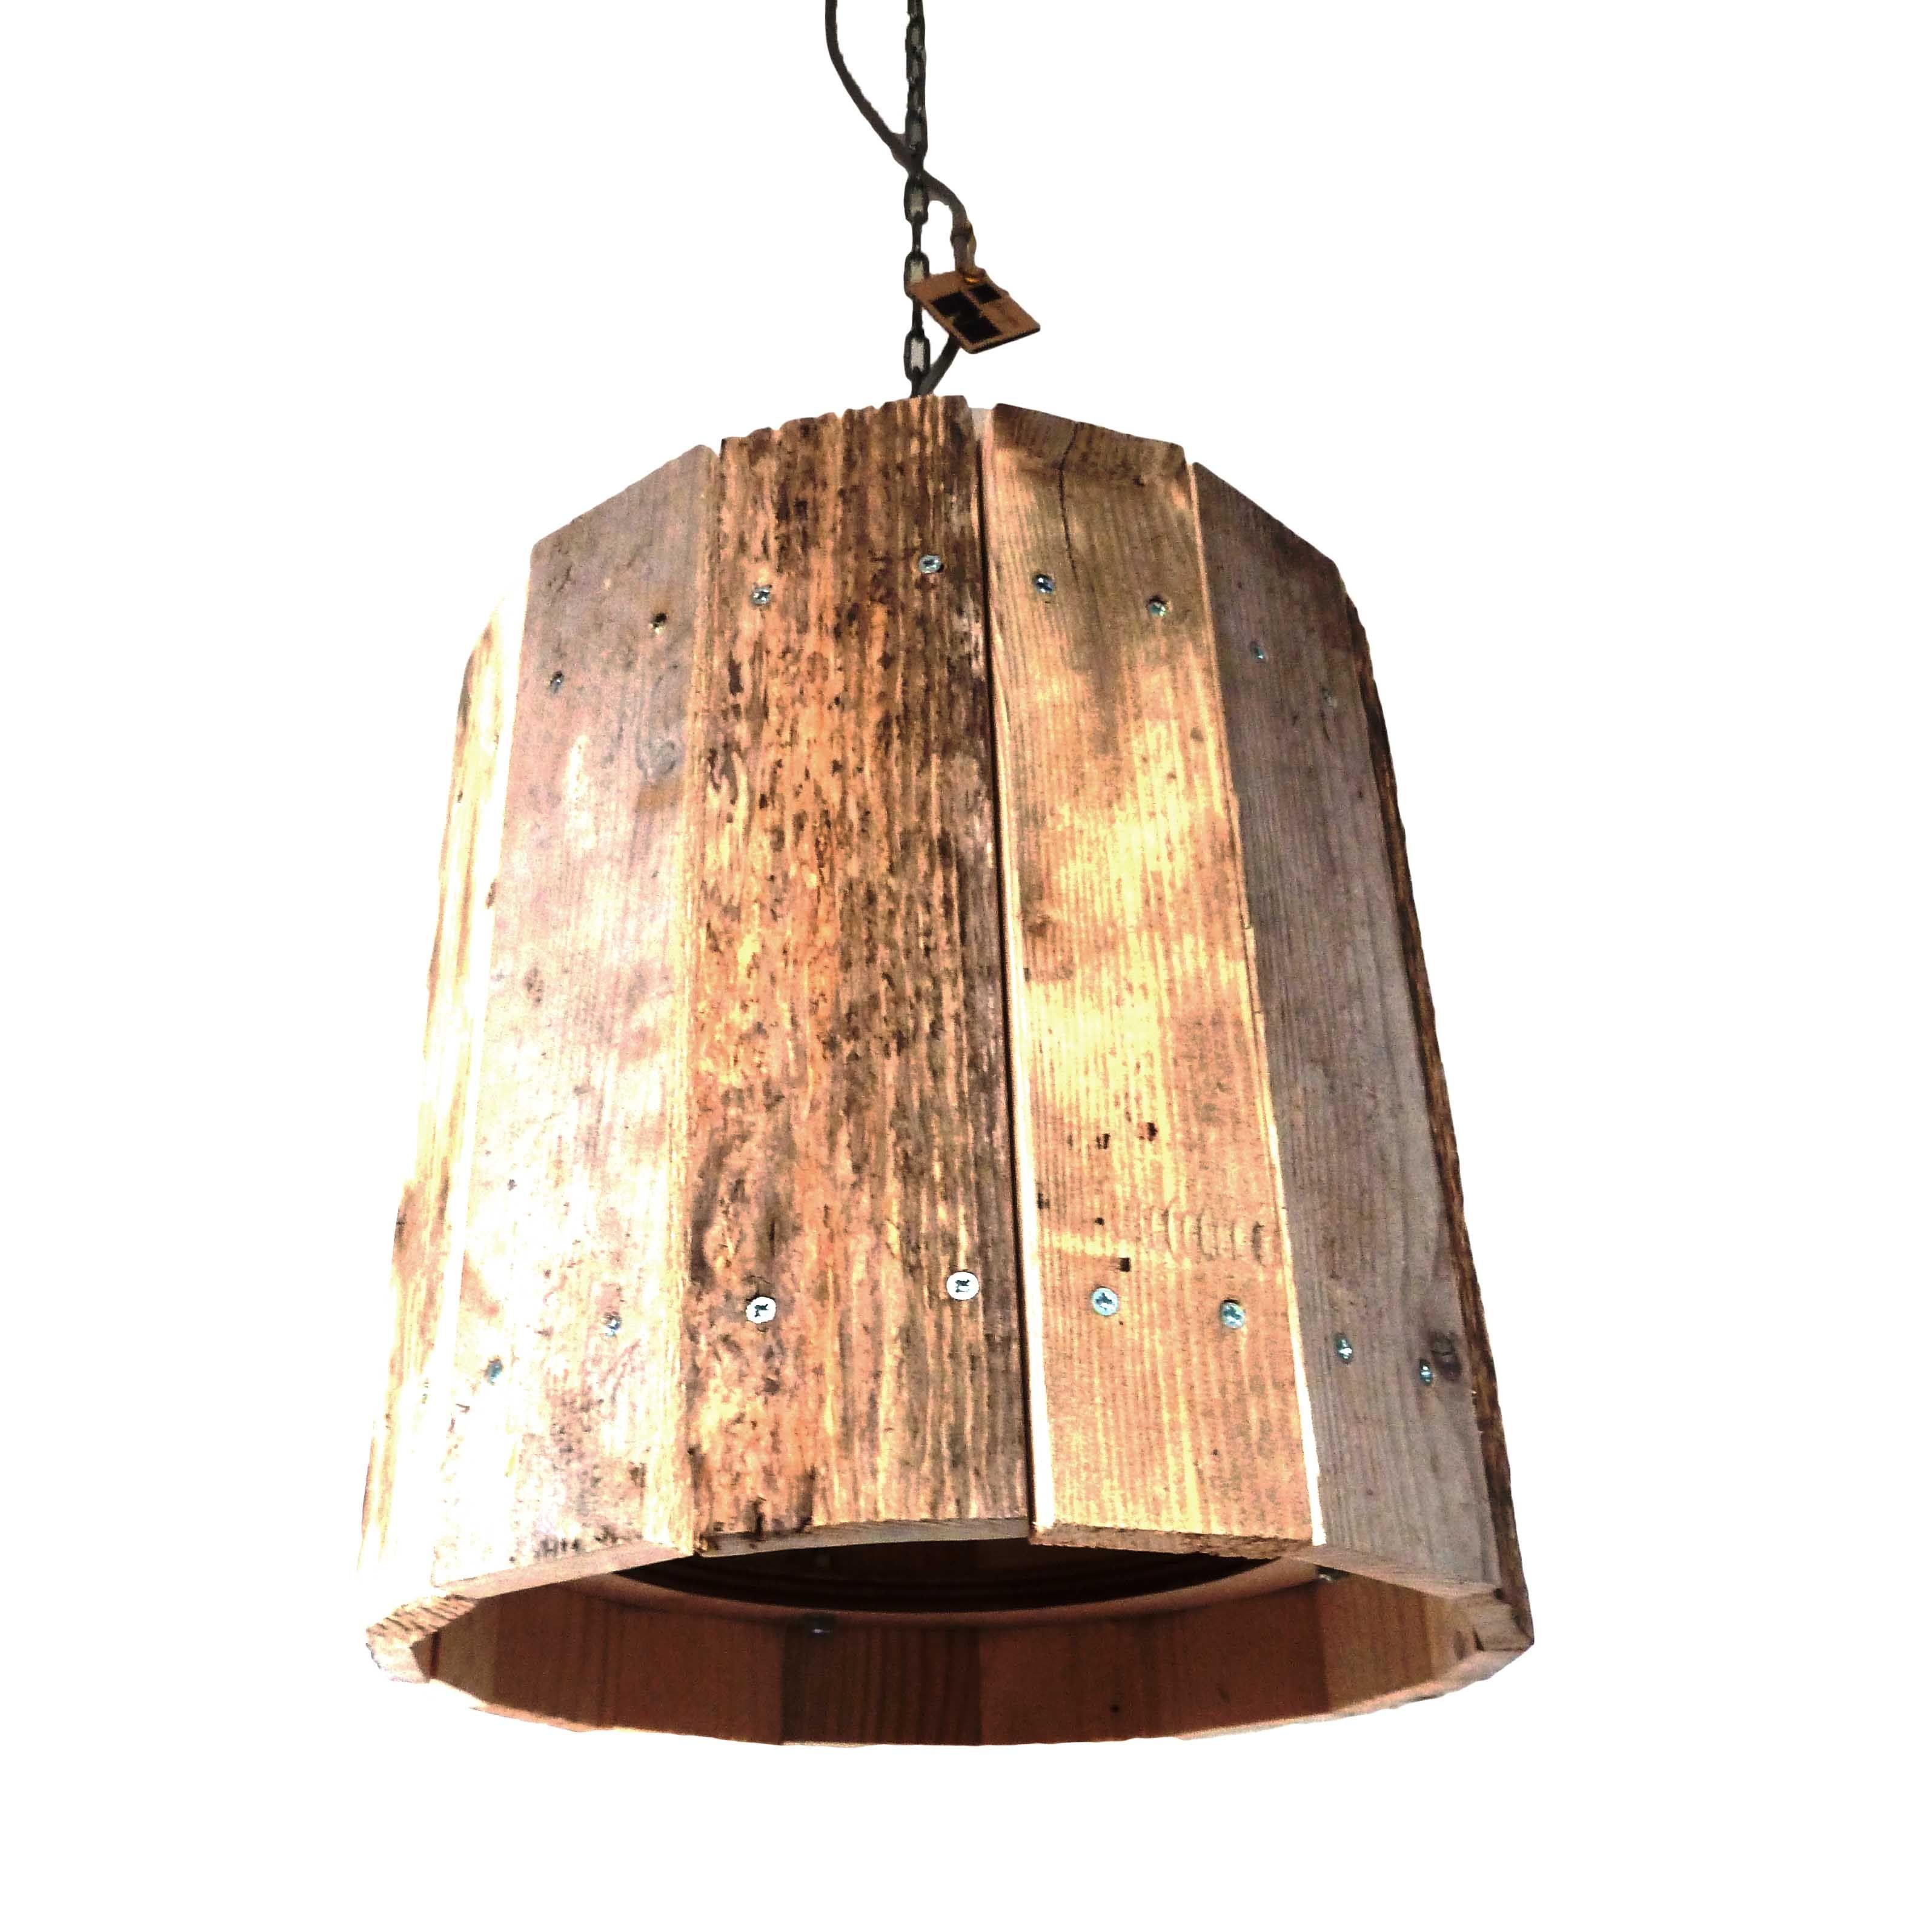 Deze Karakteristieke Houten Lamp Is Vervaardigd Uit Een Verzameling Van